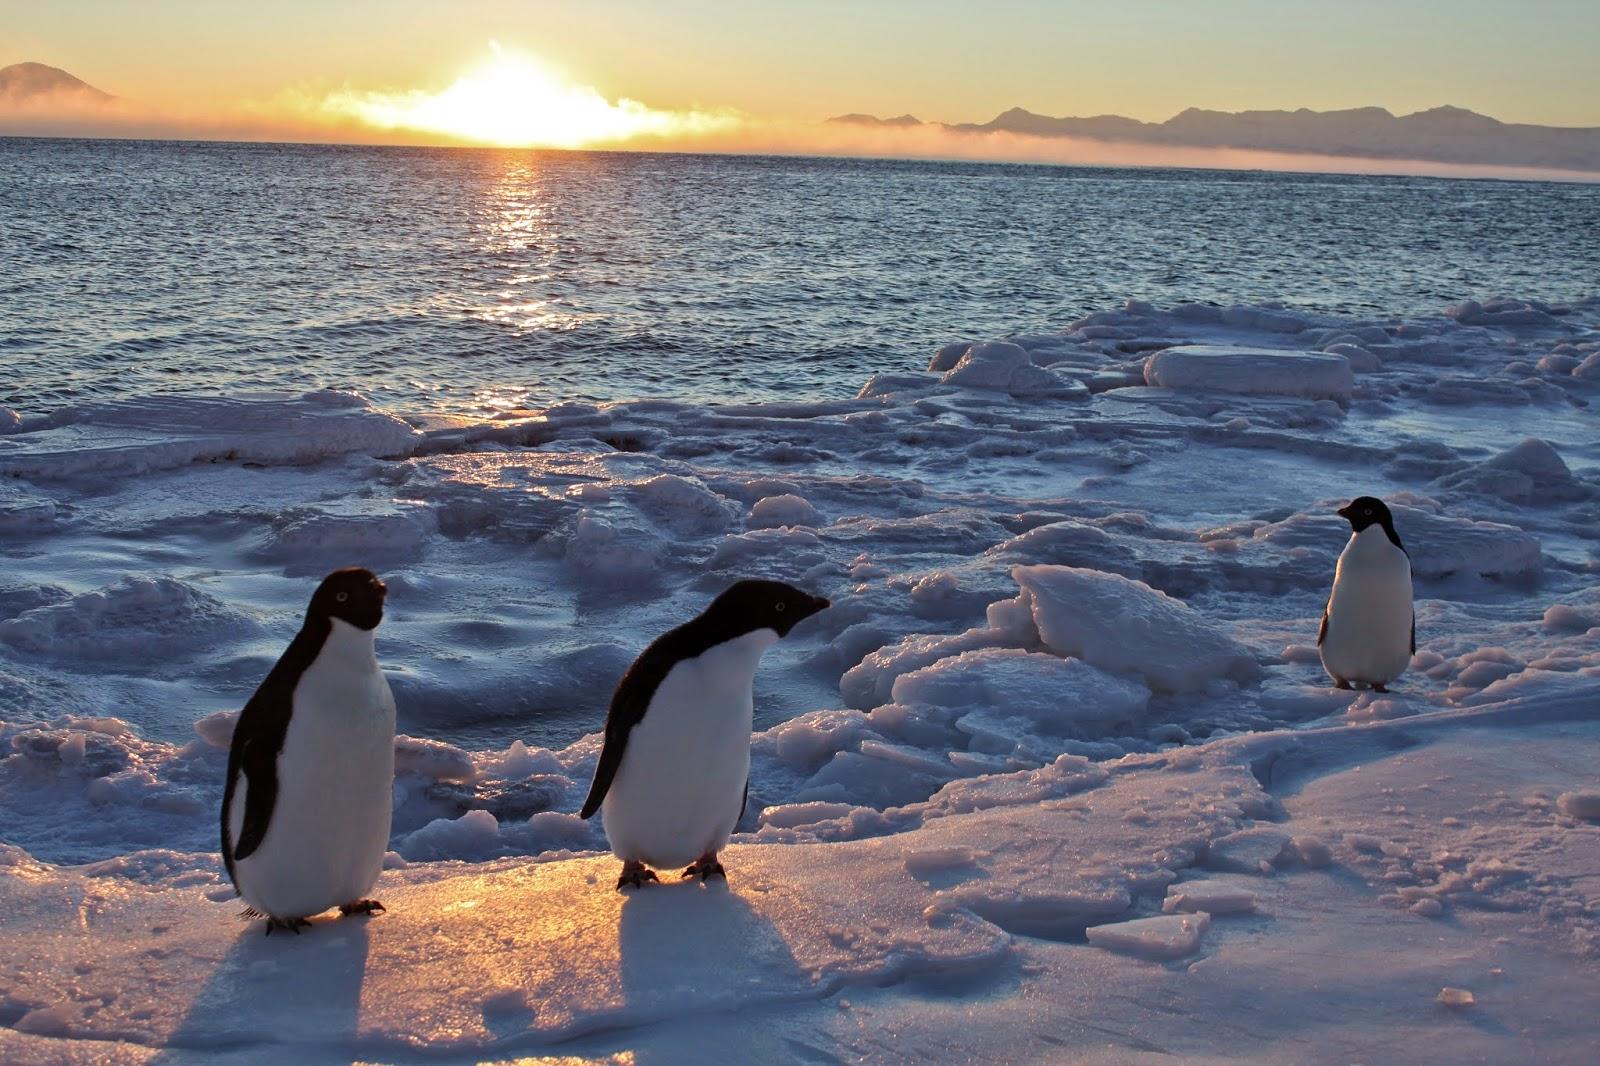 files/images/penguins.jpg